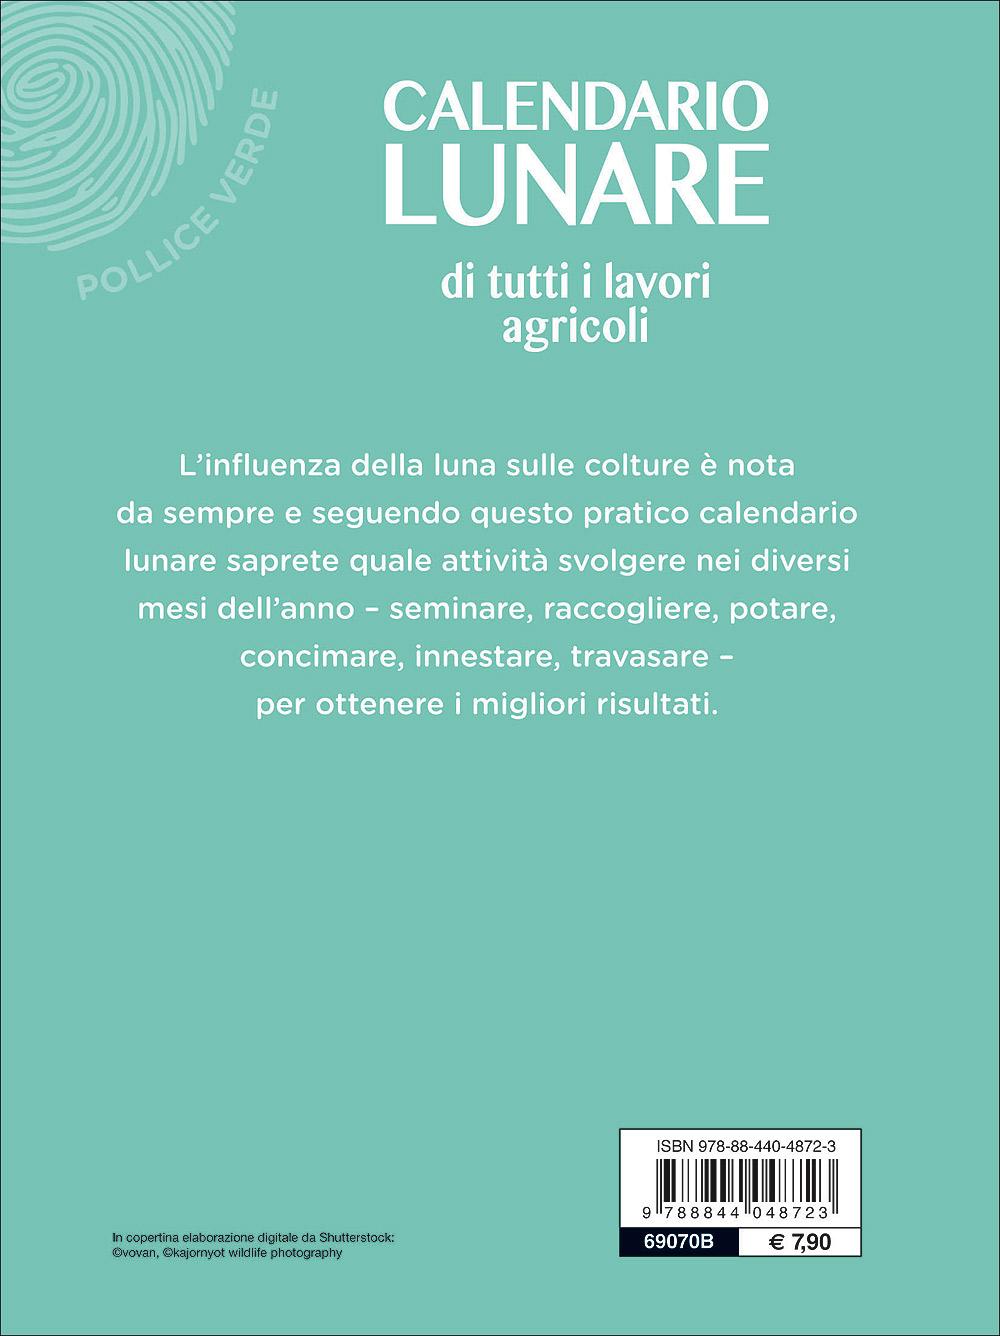 Calendario Lunare Potatura.Calendario Lunare Di Tutti I Lavori Agricoli Giunti